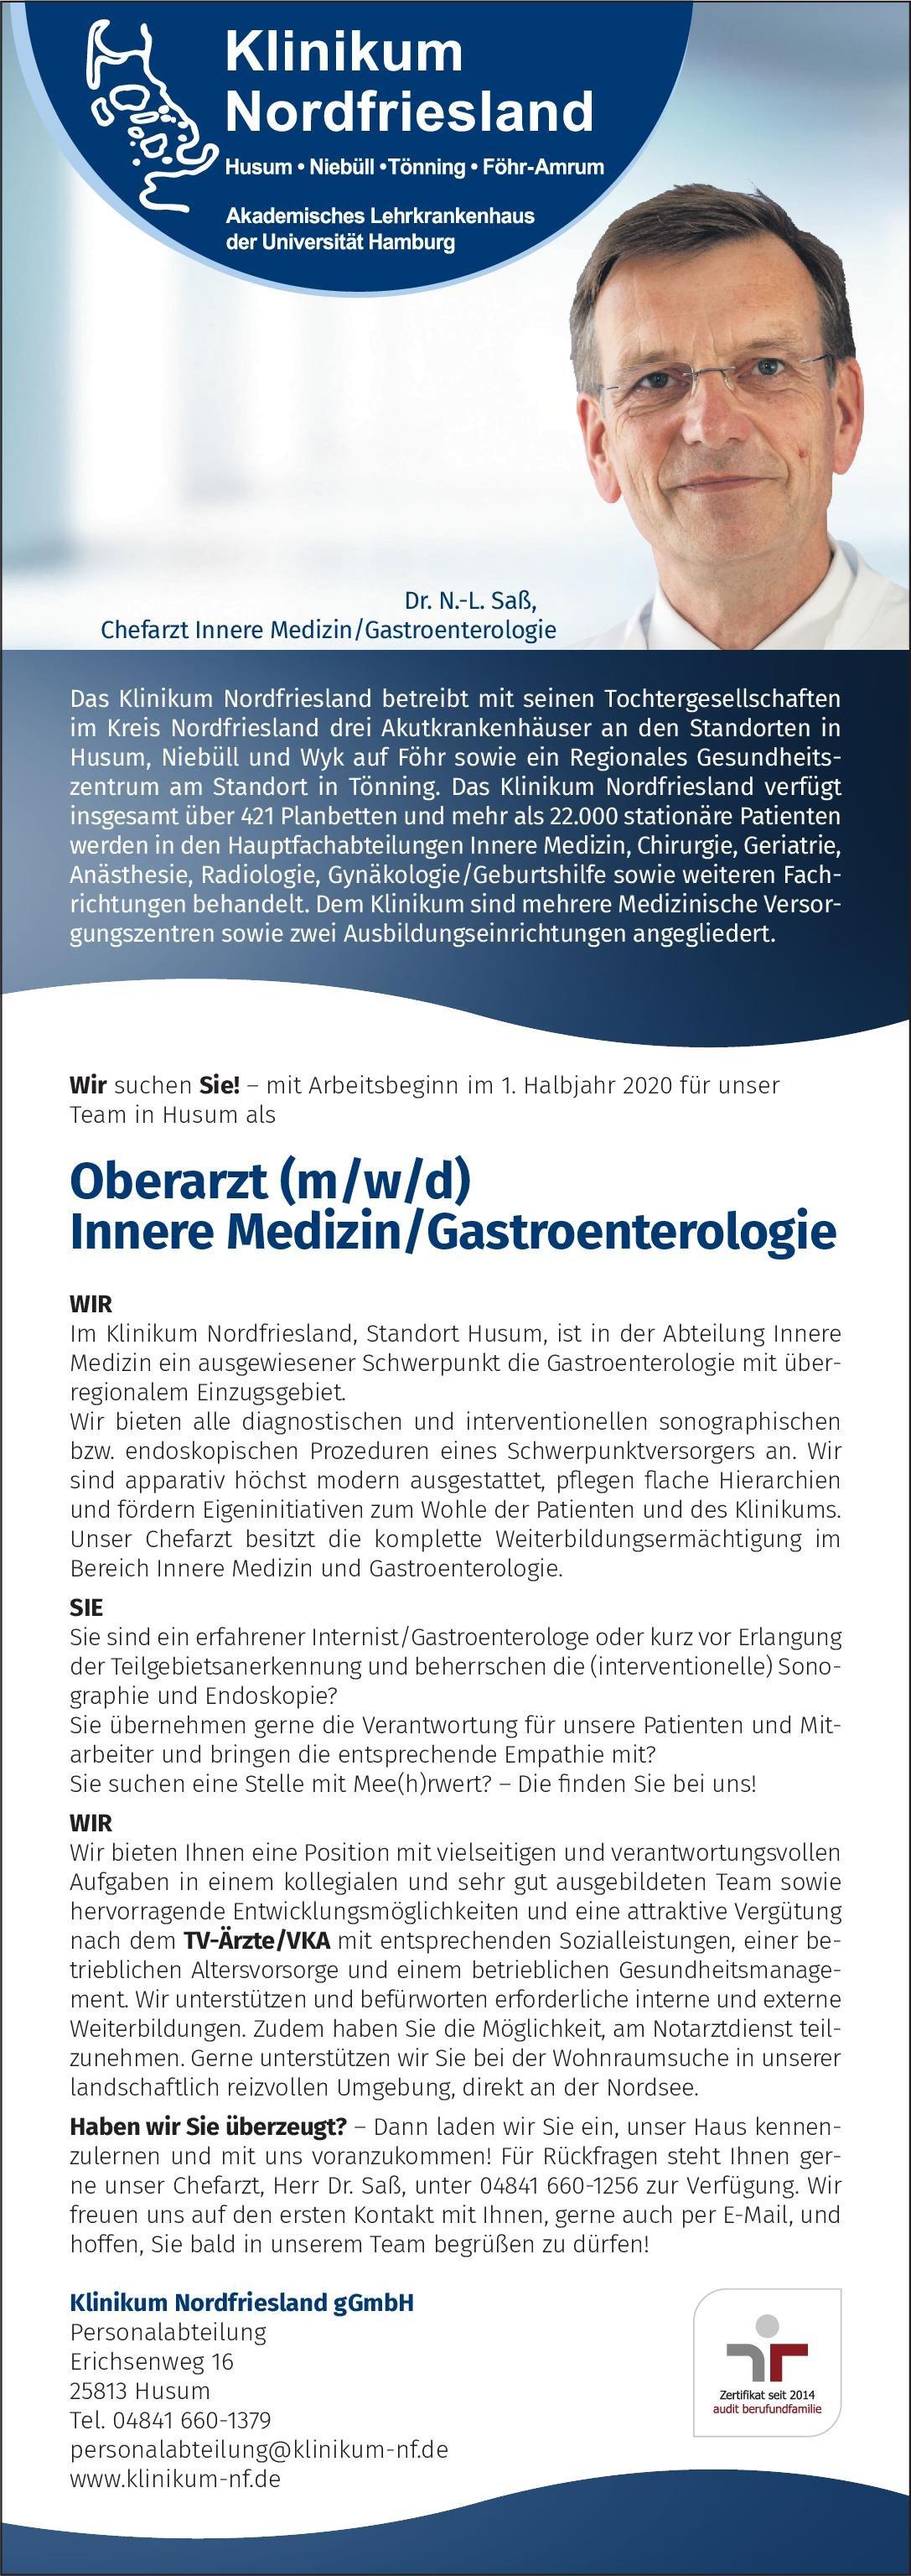 Klinikum Nordfriesland gGmbH Oberarzt (m/w/d) Innere Medizin/Gastroenterologie  Innere Medizin und Gastroenterologie, Innere Medizin Oberarzt